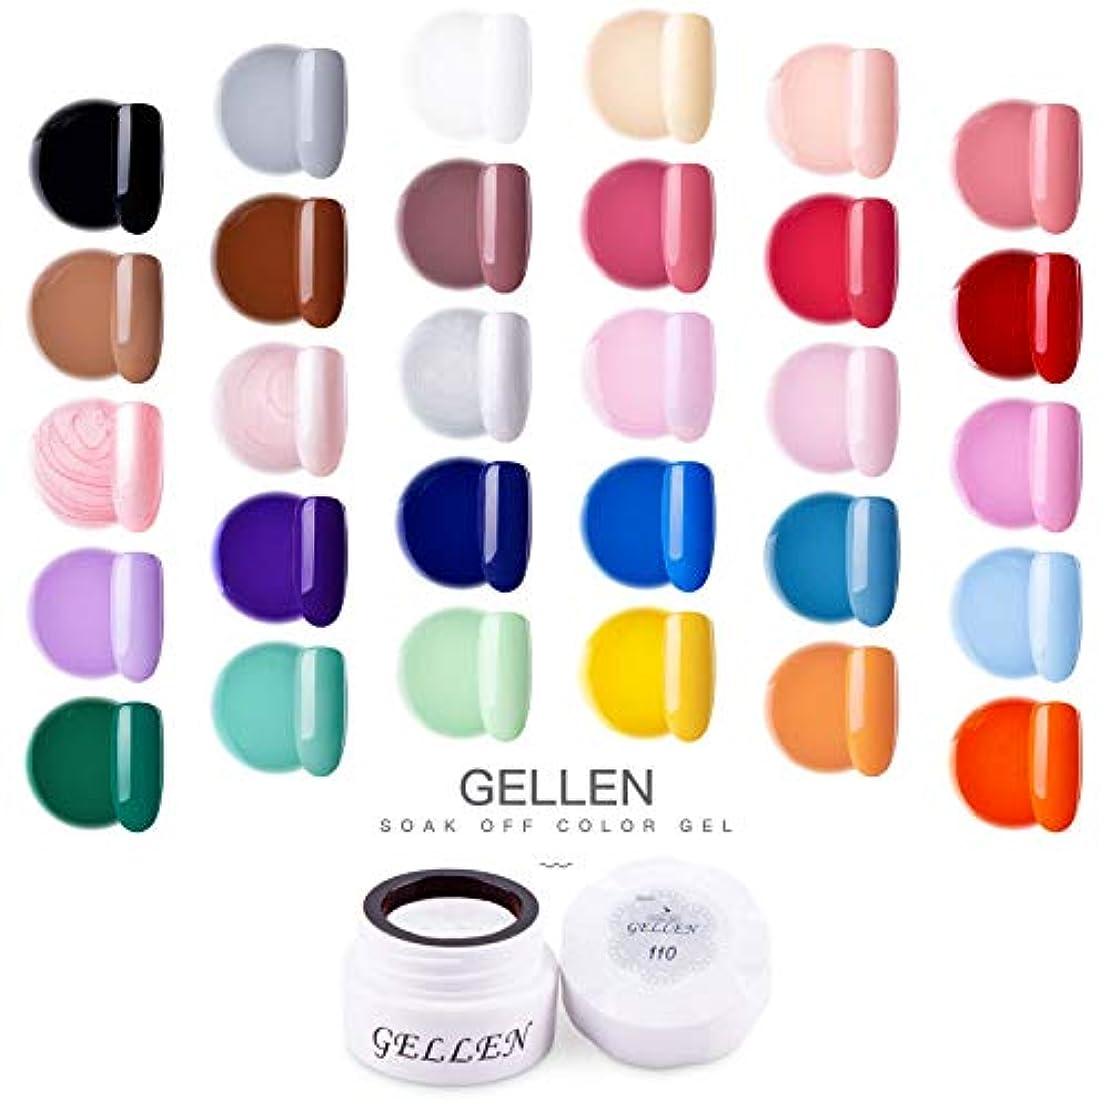 効率的アロング決してGellen カラージェル 30色定番カラー セット 高品質 5g ジェルネイル カラー ネイルブラシ付き